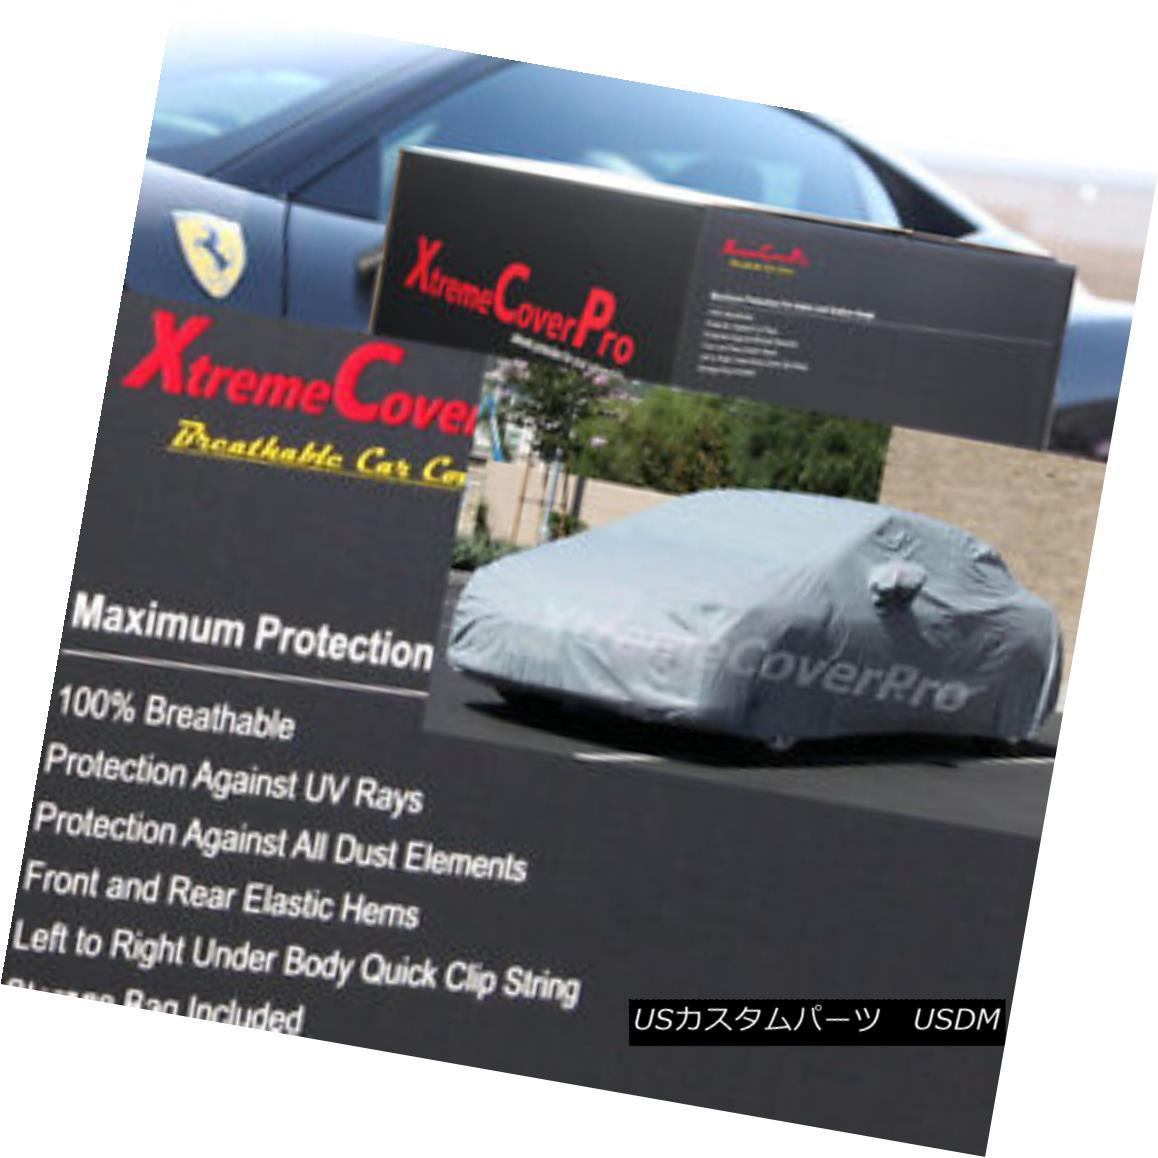 カーカバー 2015 HONDA INSIGHT HYBRID Breathable Car Cover w/Mirror Pockets - Gray 2015 HONDA INSIGHT HYBRID通気性の車カバー、ミラーポケット付き - グレー